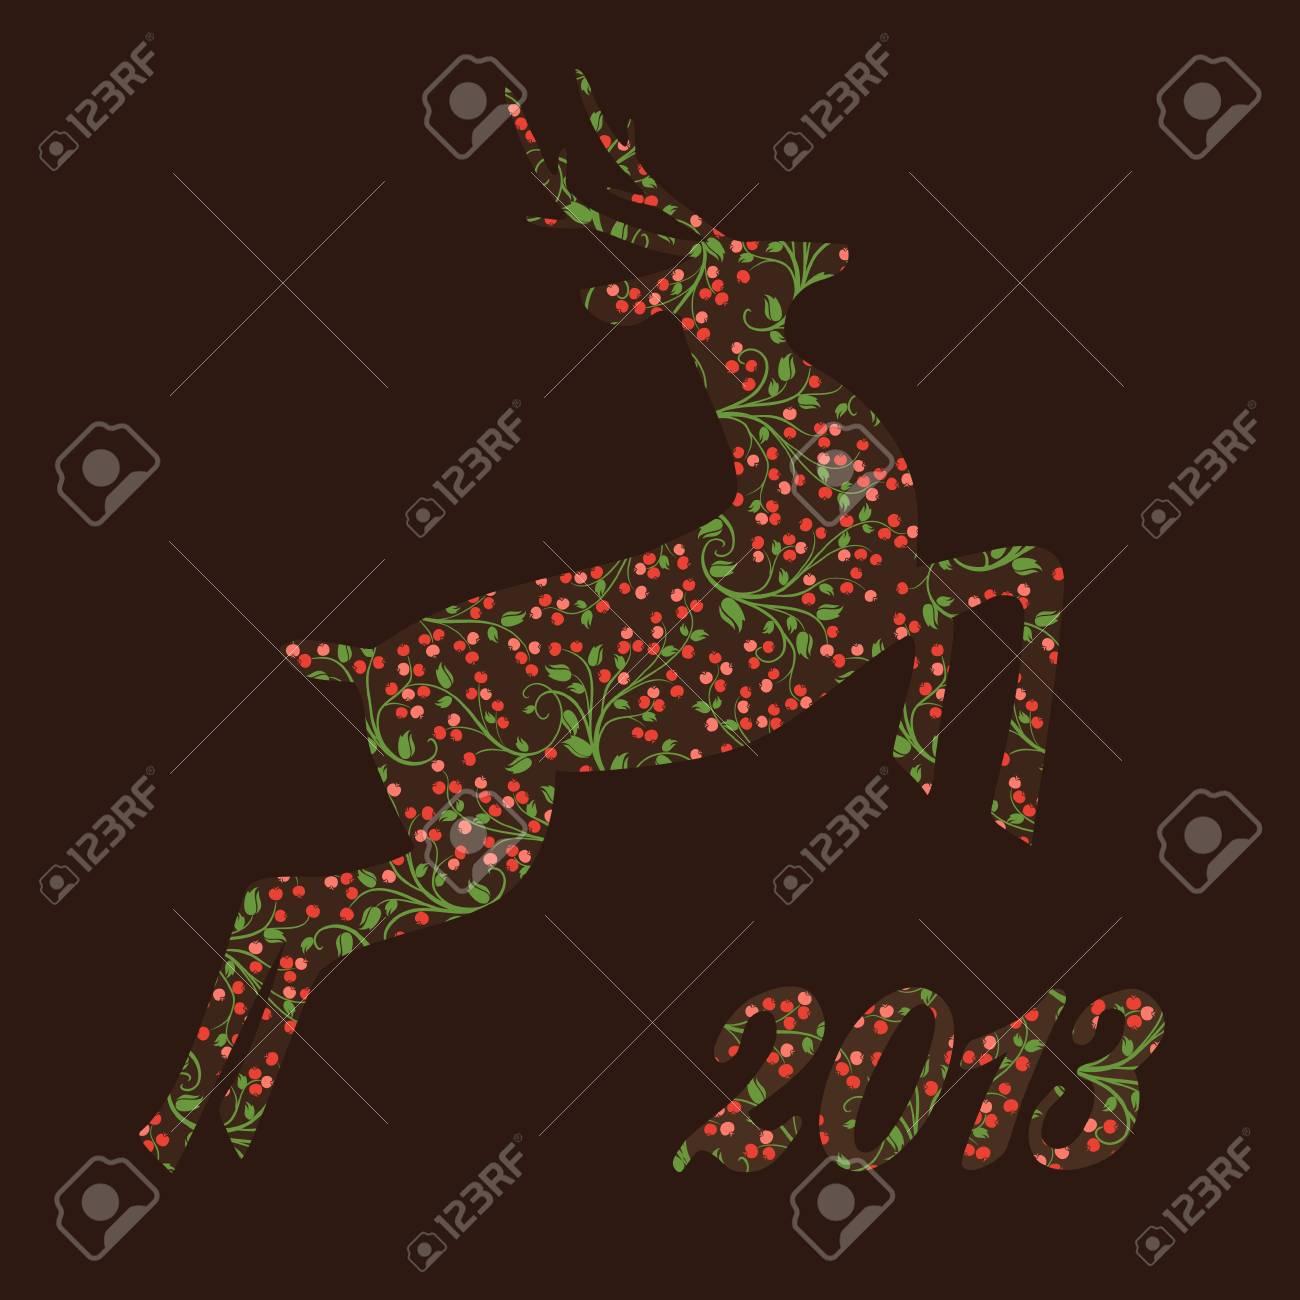 Christmas  ornamental reindeer of beautiful berries Stock Vector - 16413044